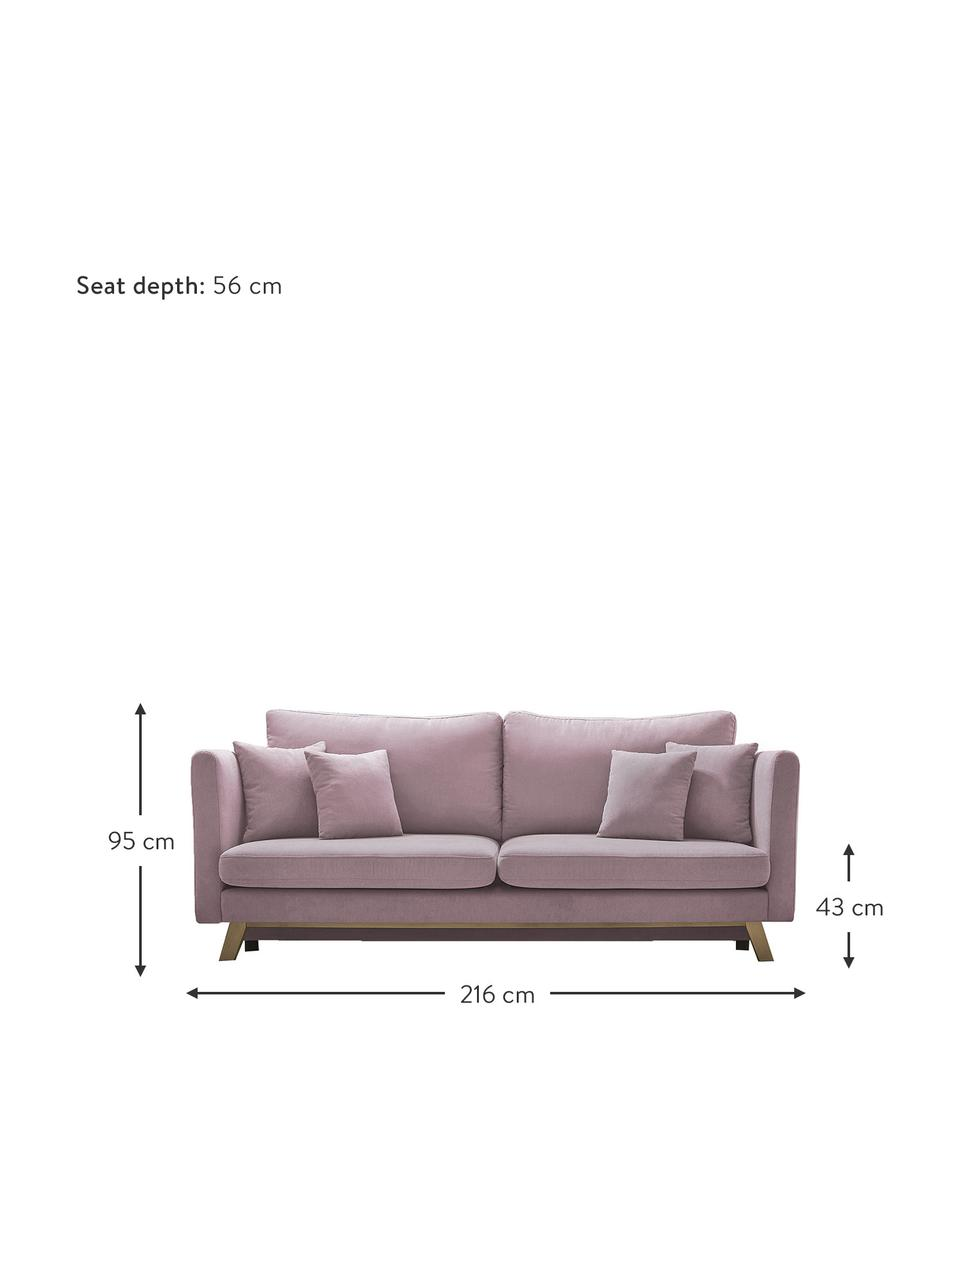 Sofa rozkładana z miejscem do przechowywania Triplo (3-osobowa), Tapicerka: 100% poliester, w dotyku , Nogi: metal lakierowany, Blady różowy, S 216 x G 105 cm